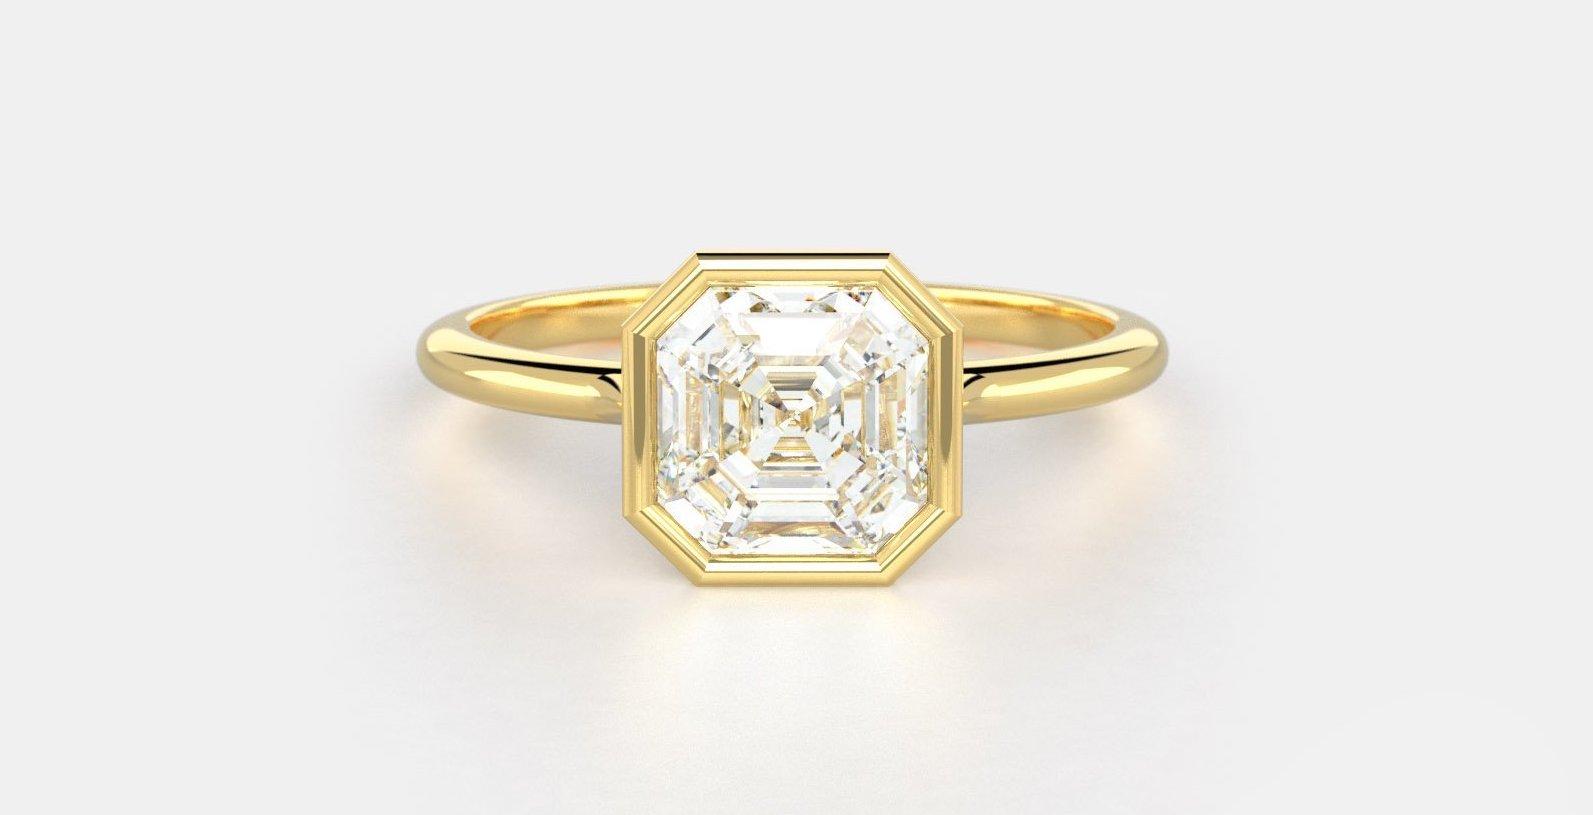 Parker No. 1 a bezel set Asscher diamond